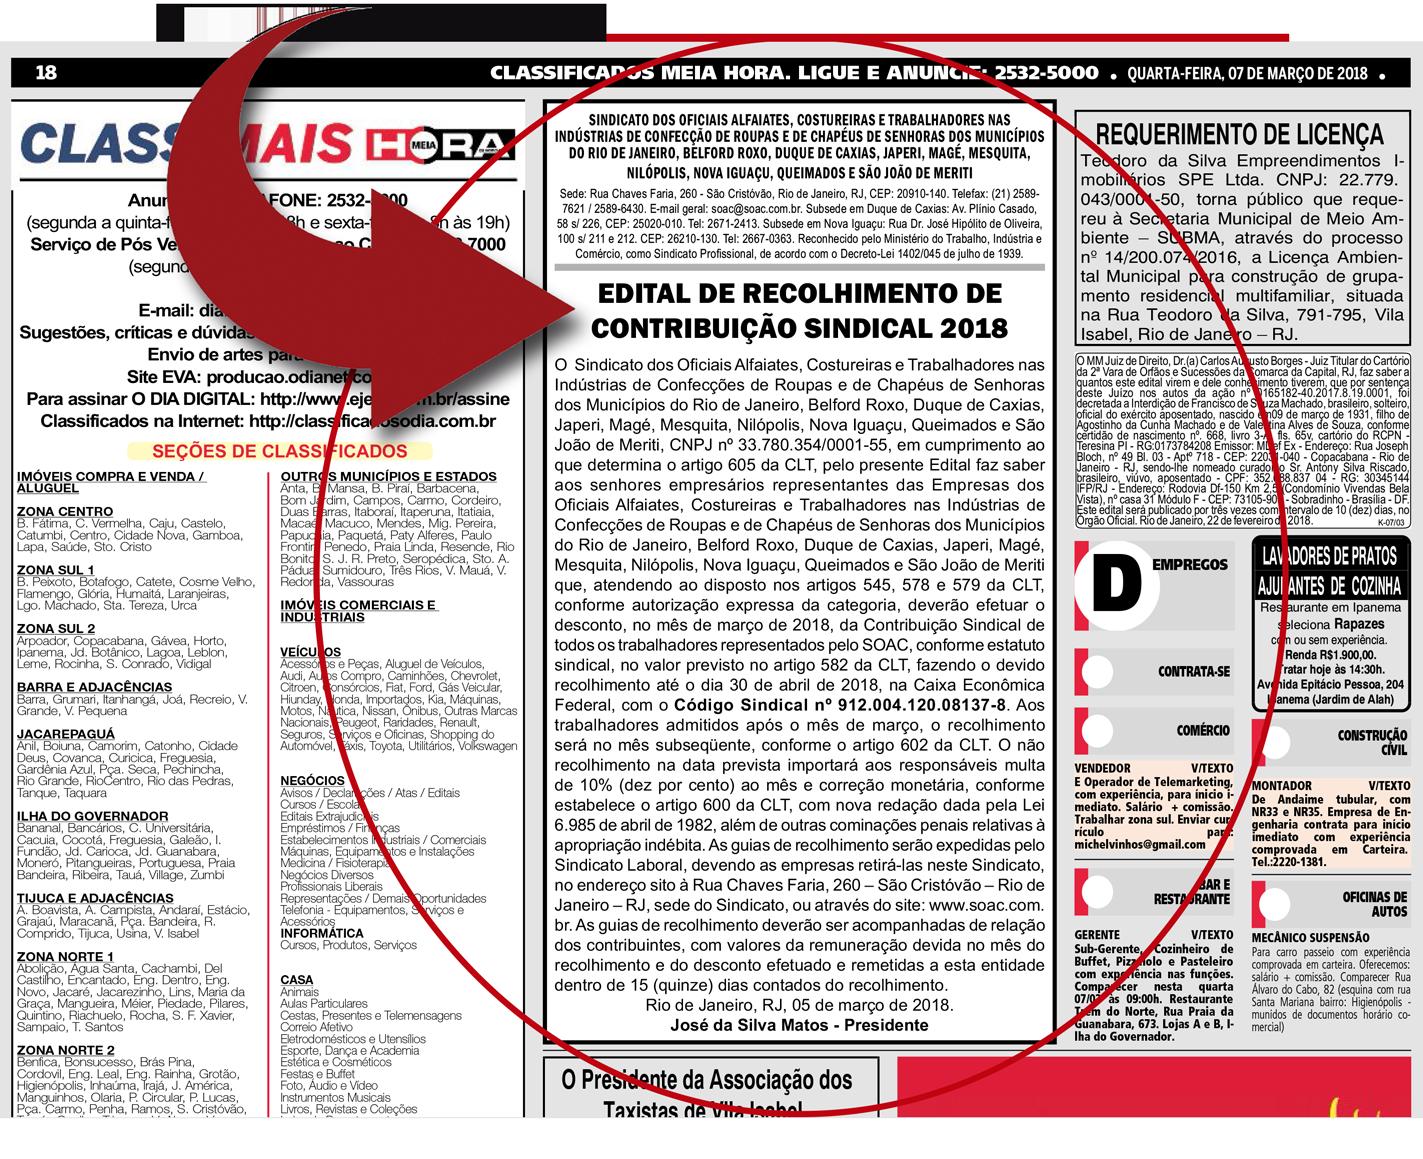 Empregador: veja aqui o Edital da Contribuição Sindical